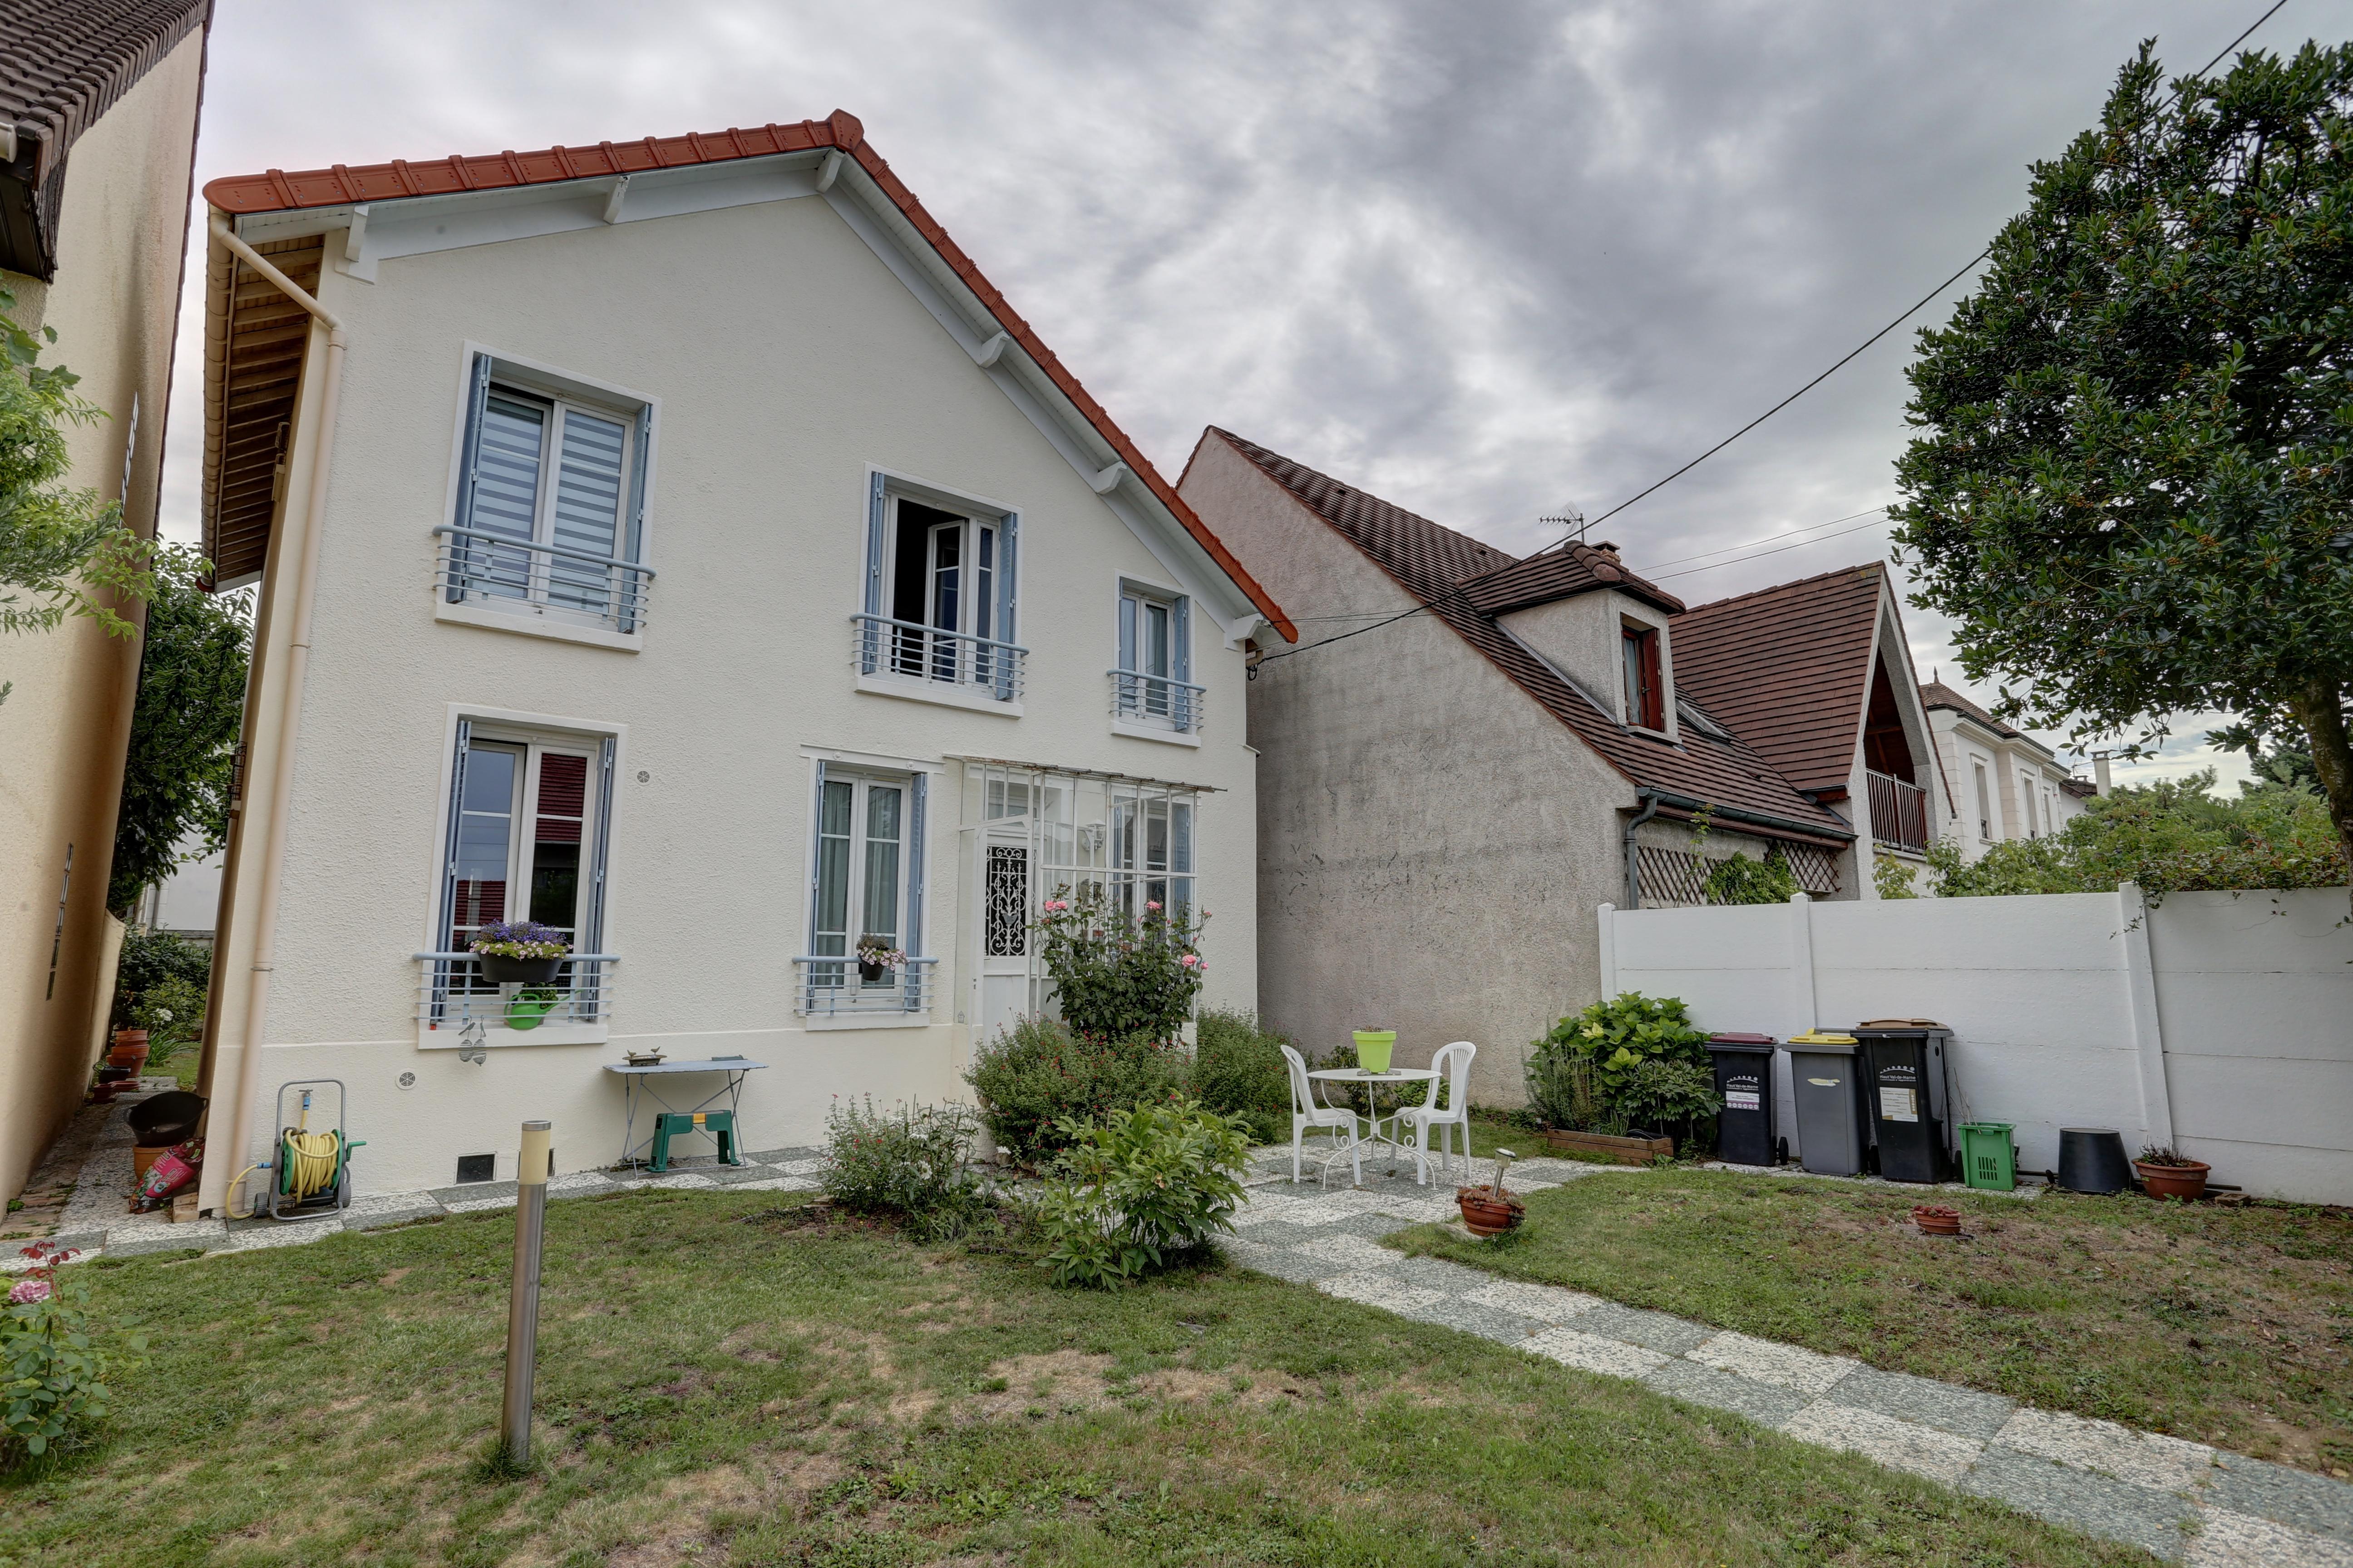 Maison 5 Pièces 114m2 à Ormesson sur Marne (94490)